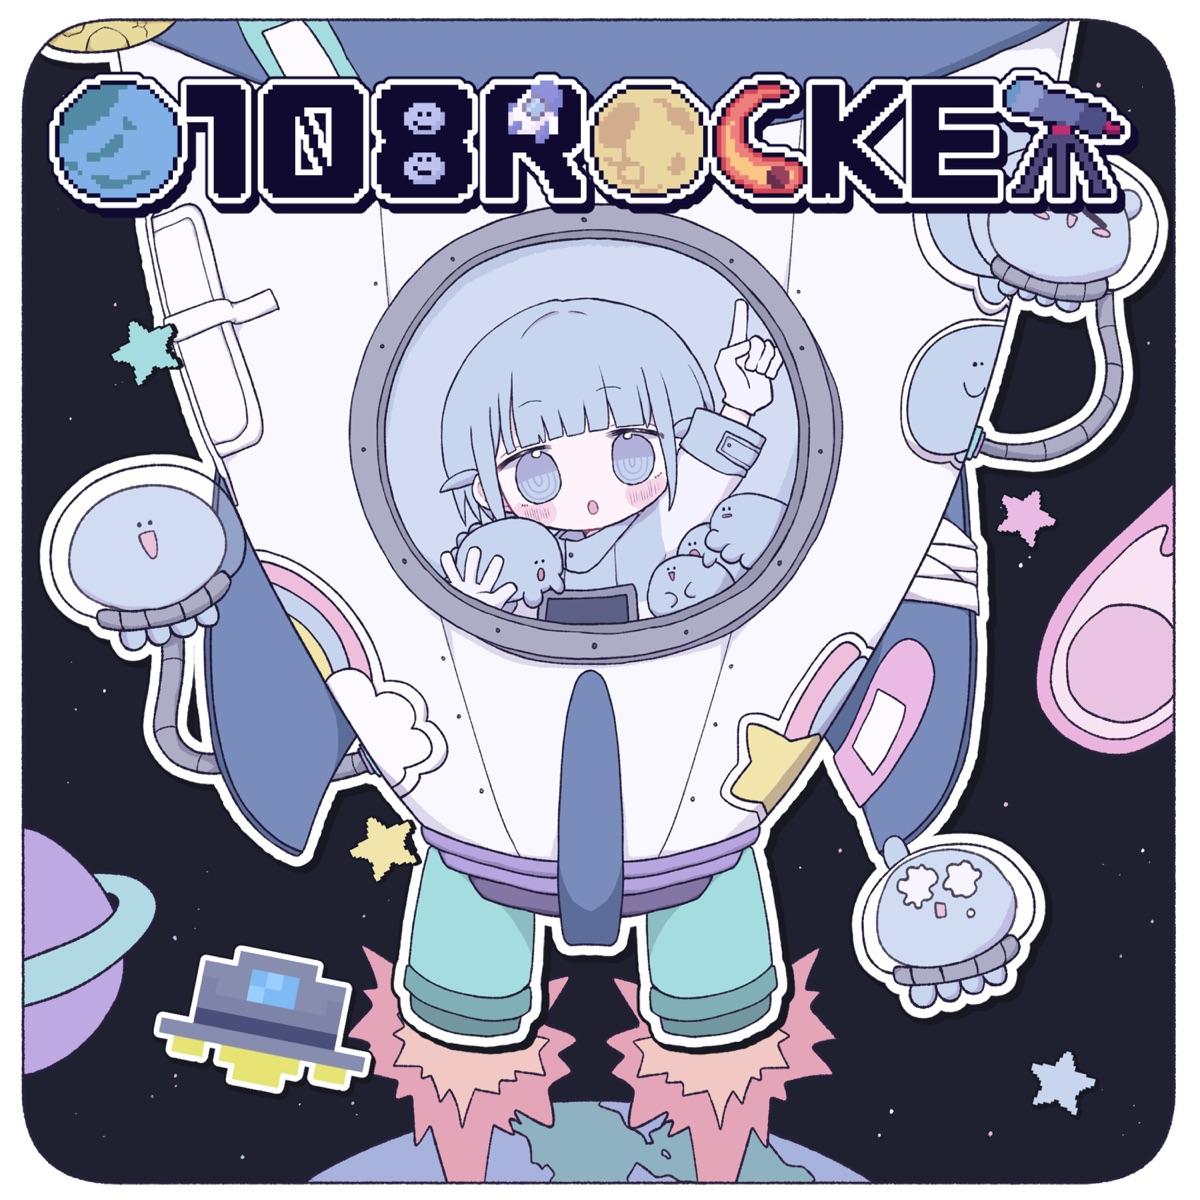 『をとは - O108ROCKET (feat. Neko Hacker)』収録の『O108ROCKET (feat. Neko Hacker)』ジャケット